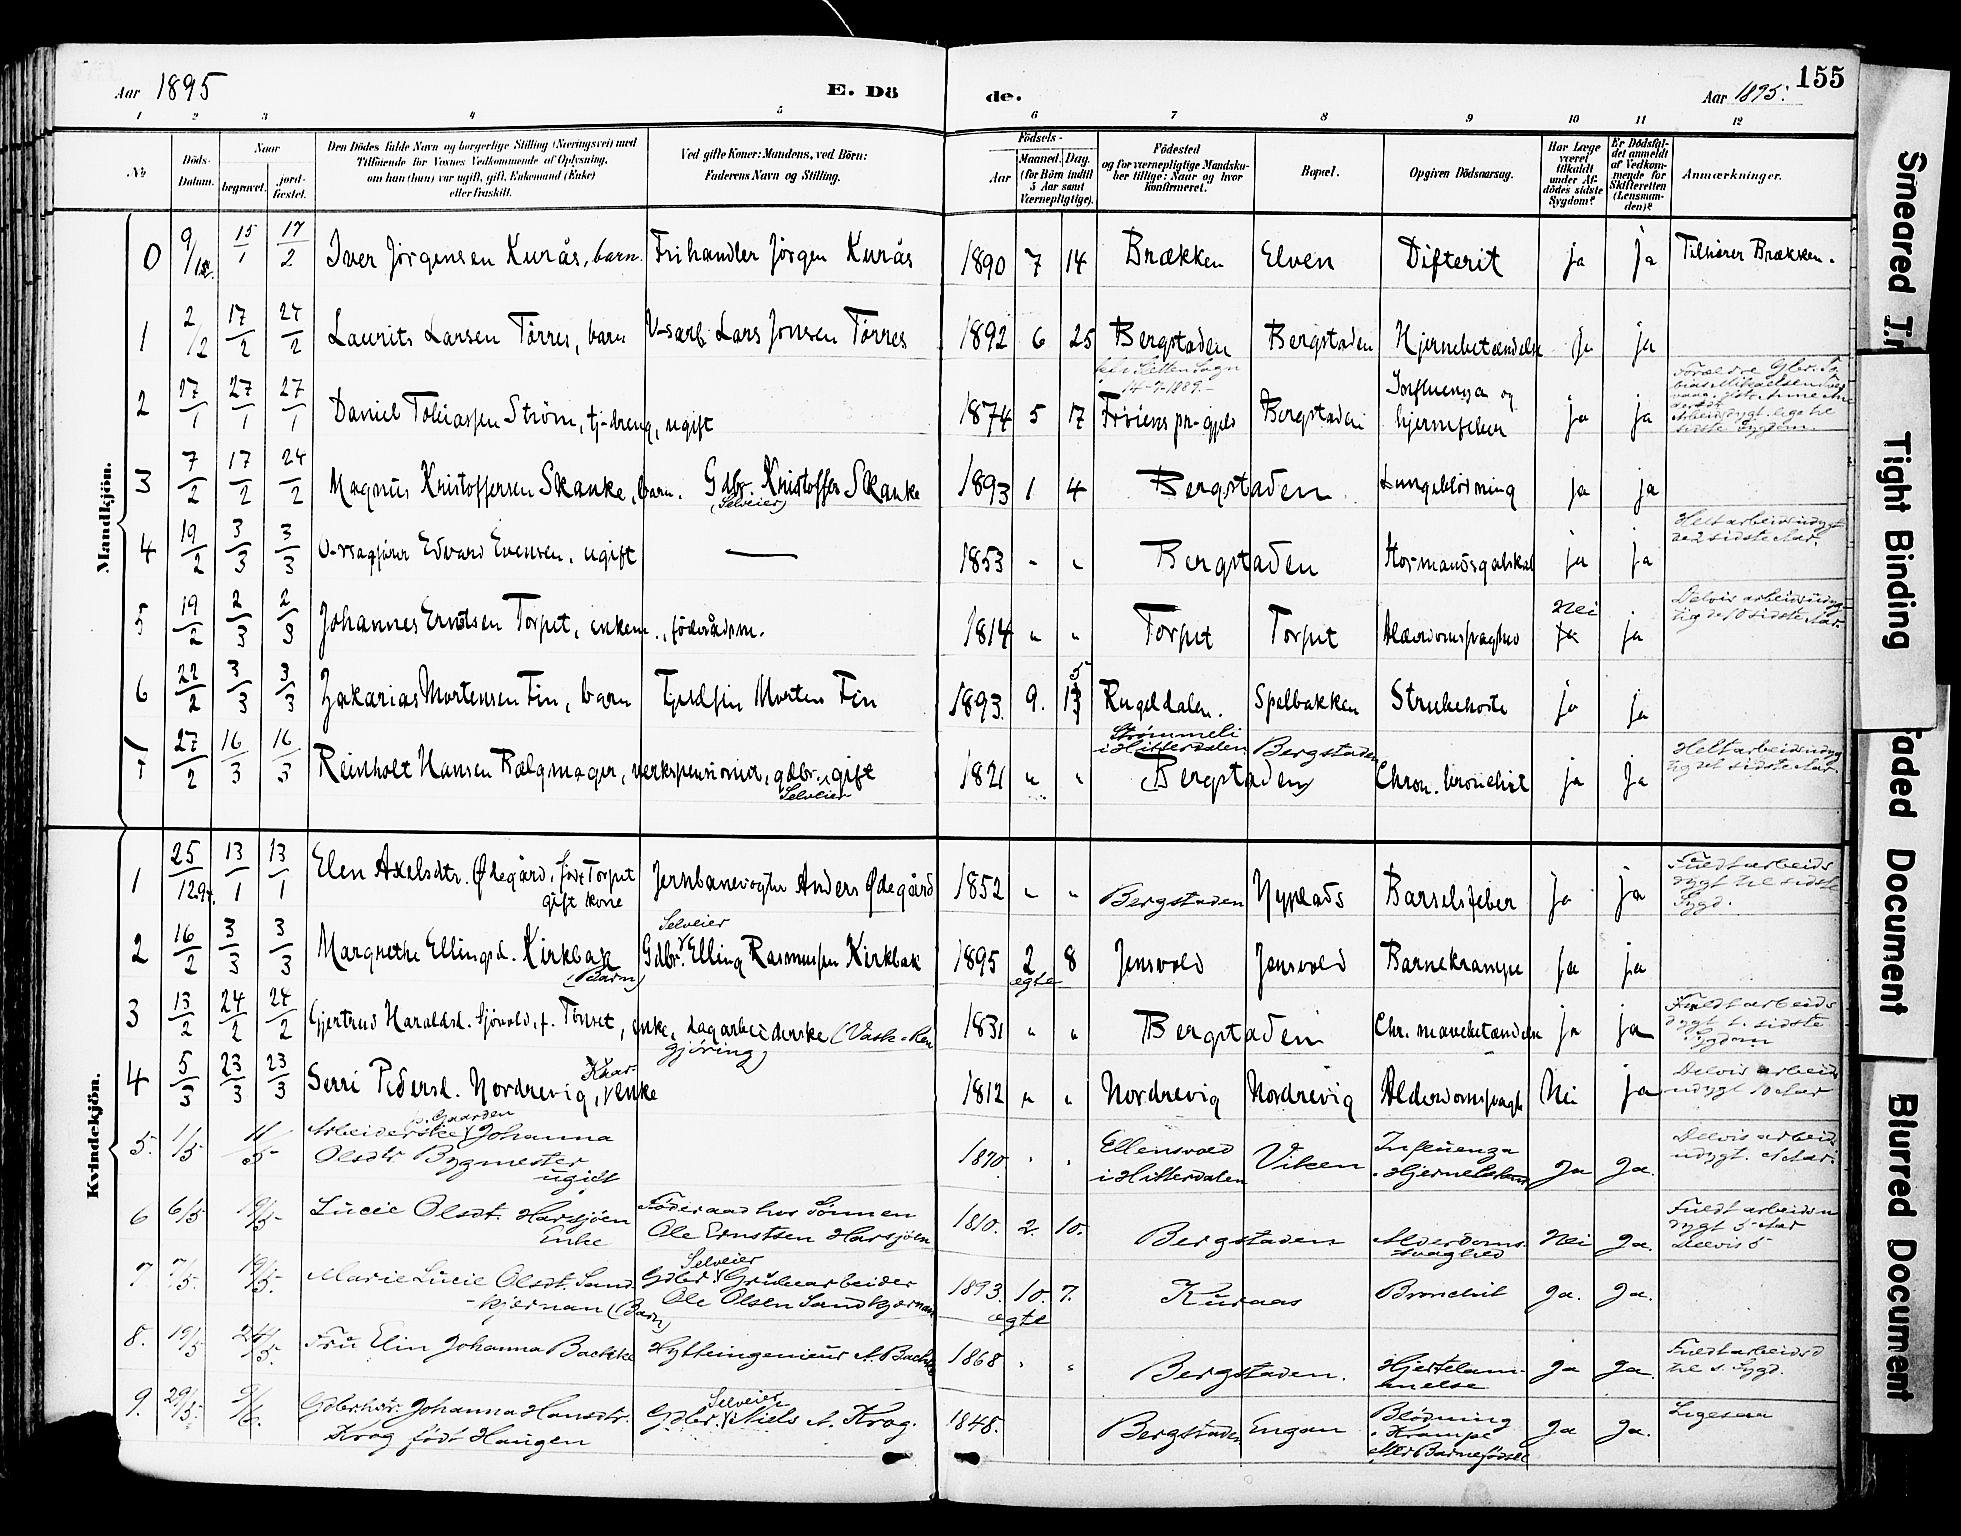 SAT, Ministerialprotokoller, klokkerbøker og fødselsregistre - Sør-Trøndelag, 681/L0935: Ministerialbok nr. 681A13, 1890-1898, s. 155